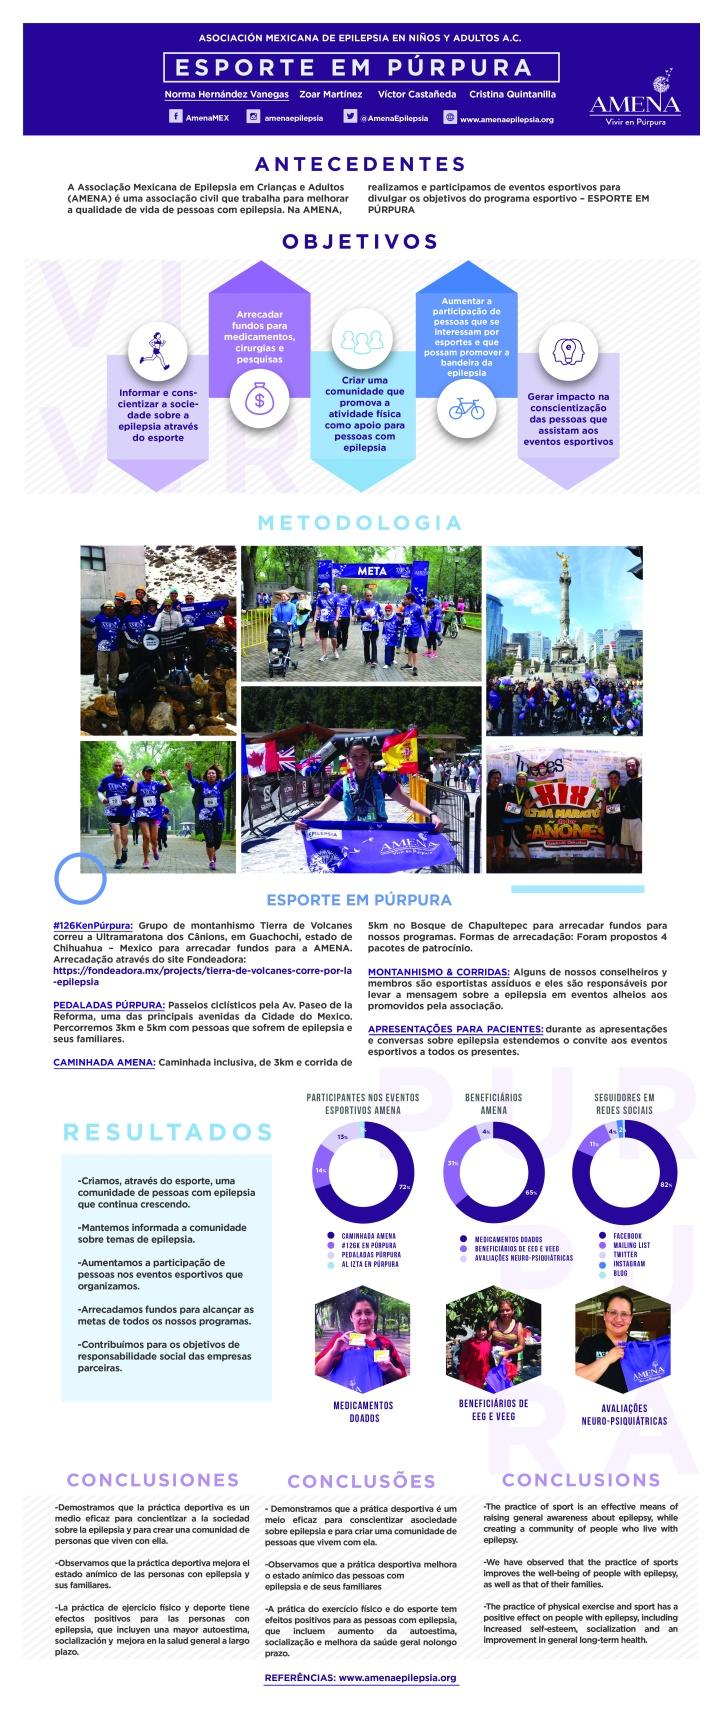 Esporte em púrpura_AMENA_JULIO25_ 2-02